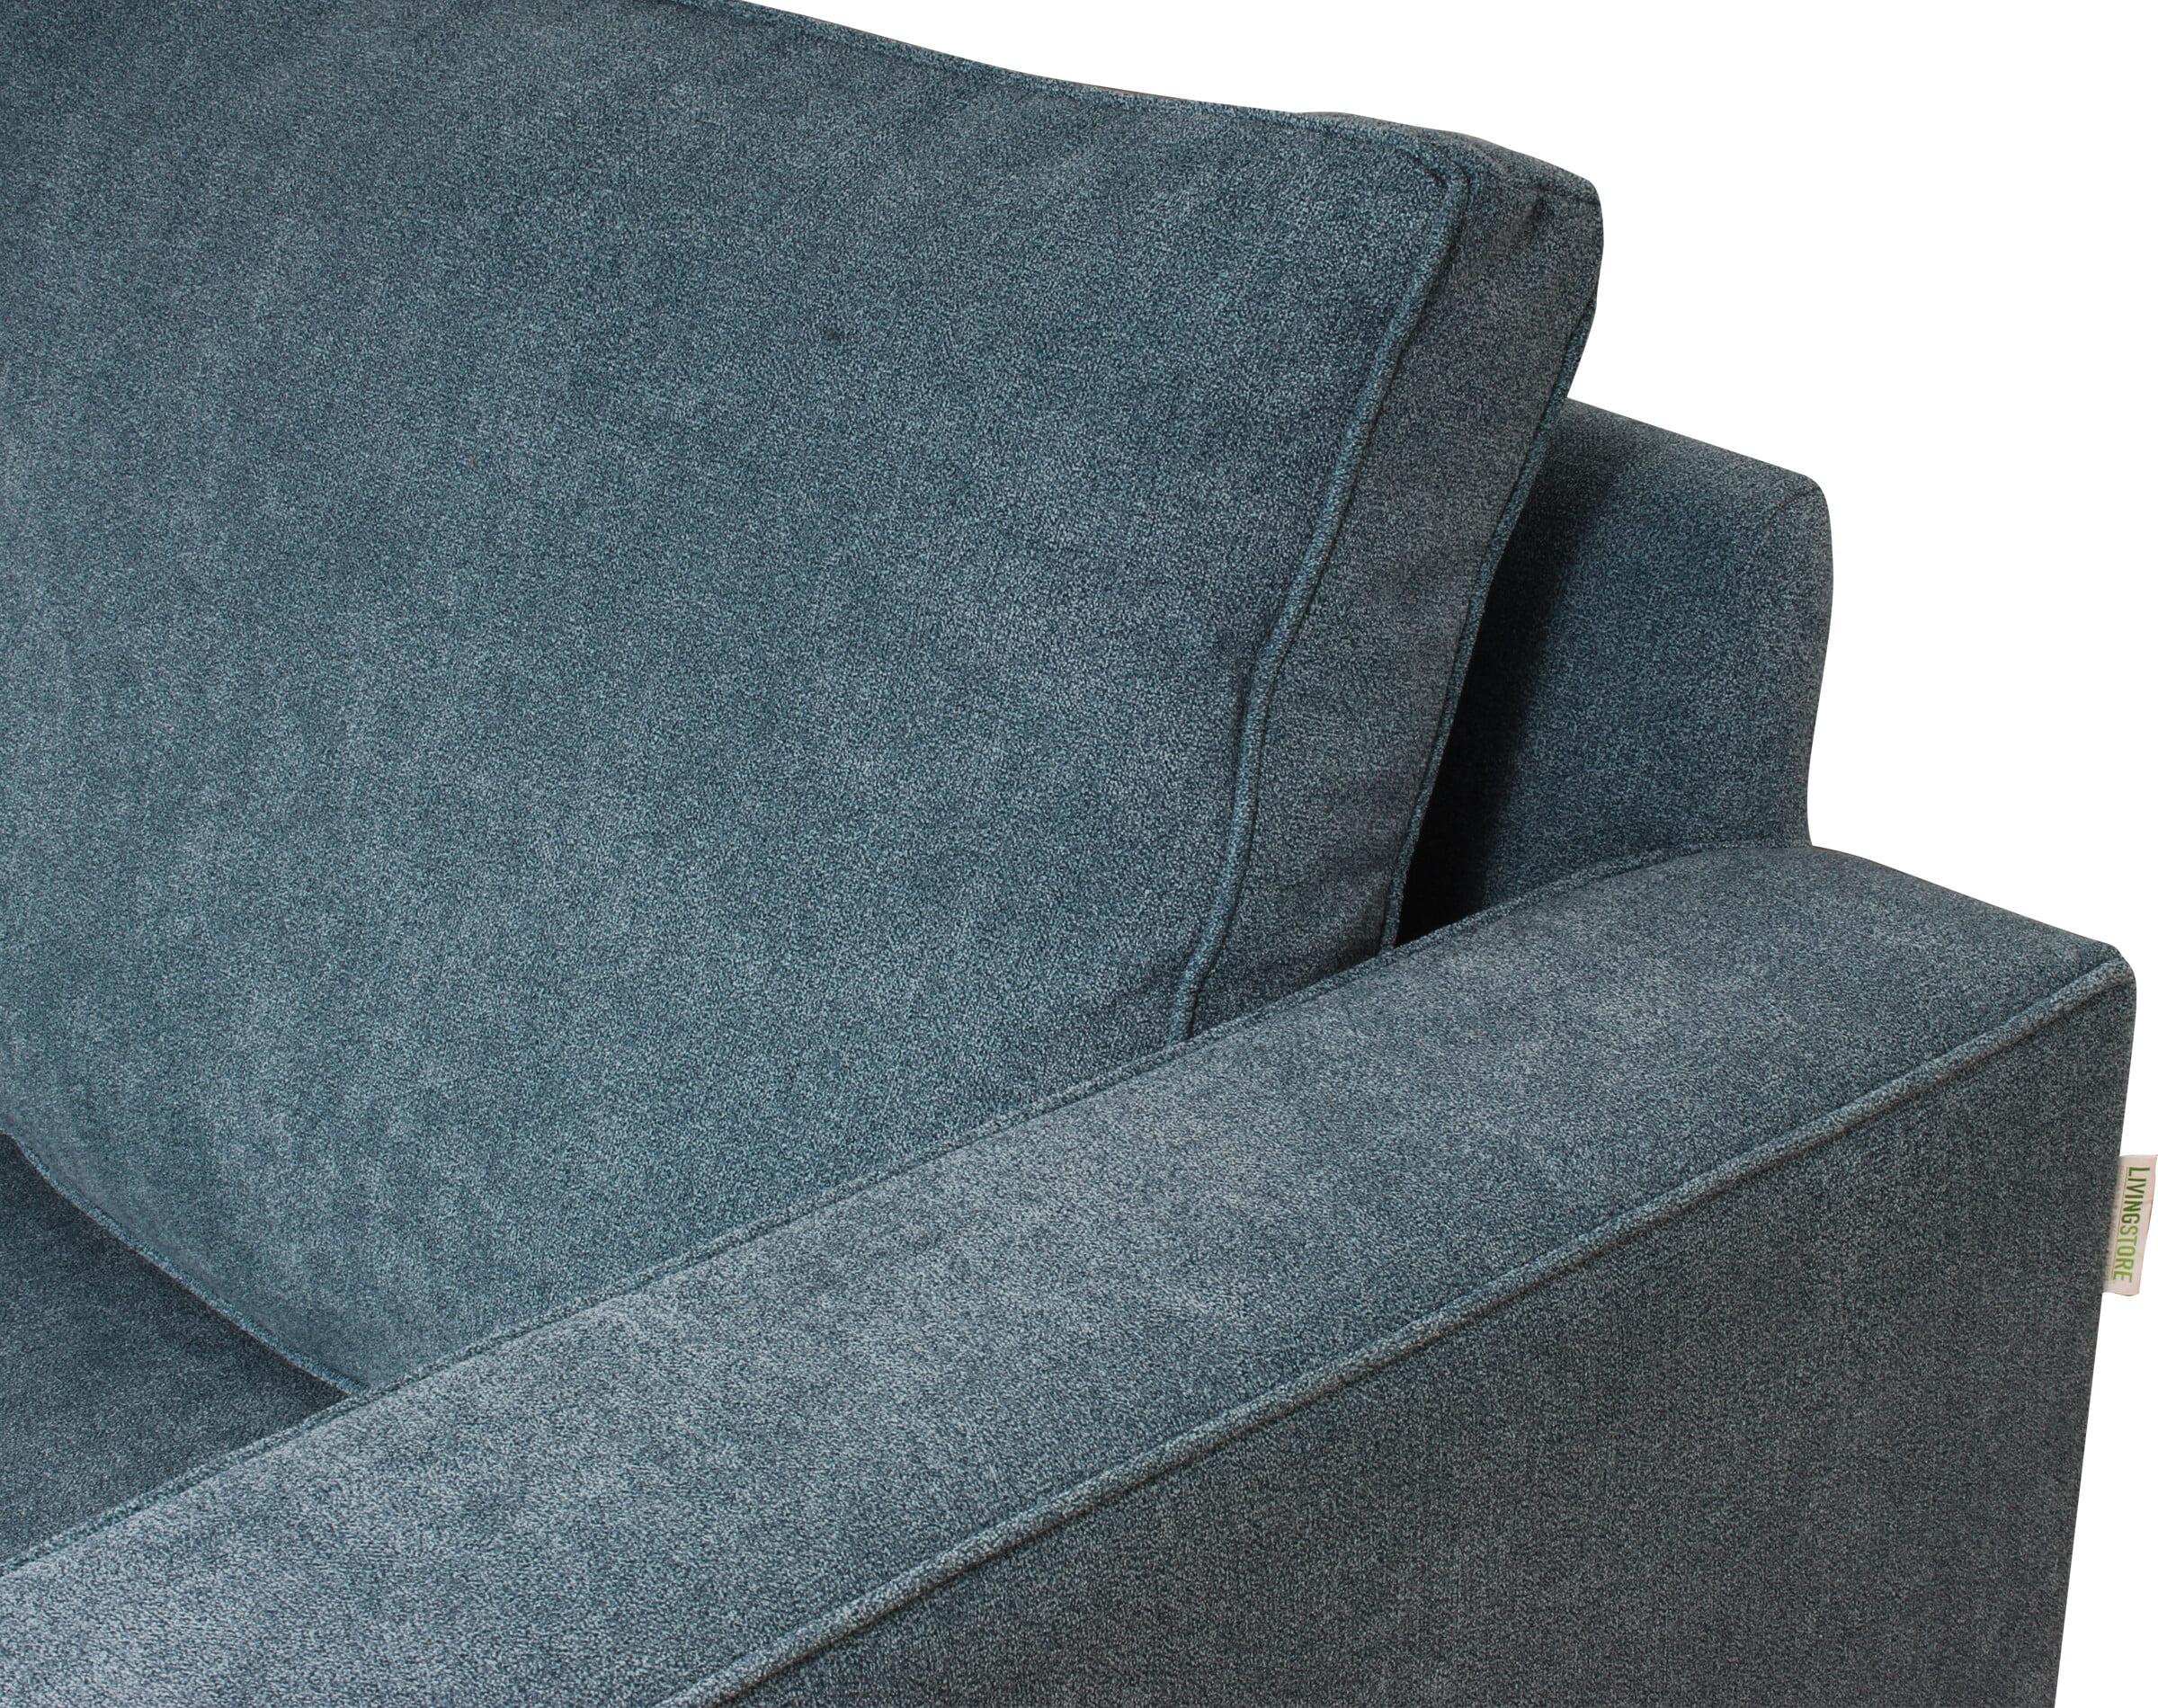 sofa henry finesse respaldo